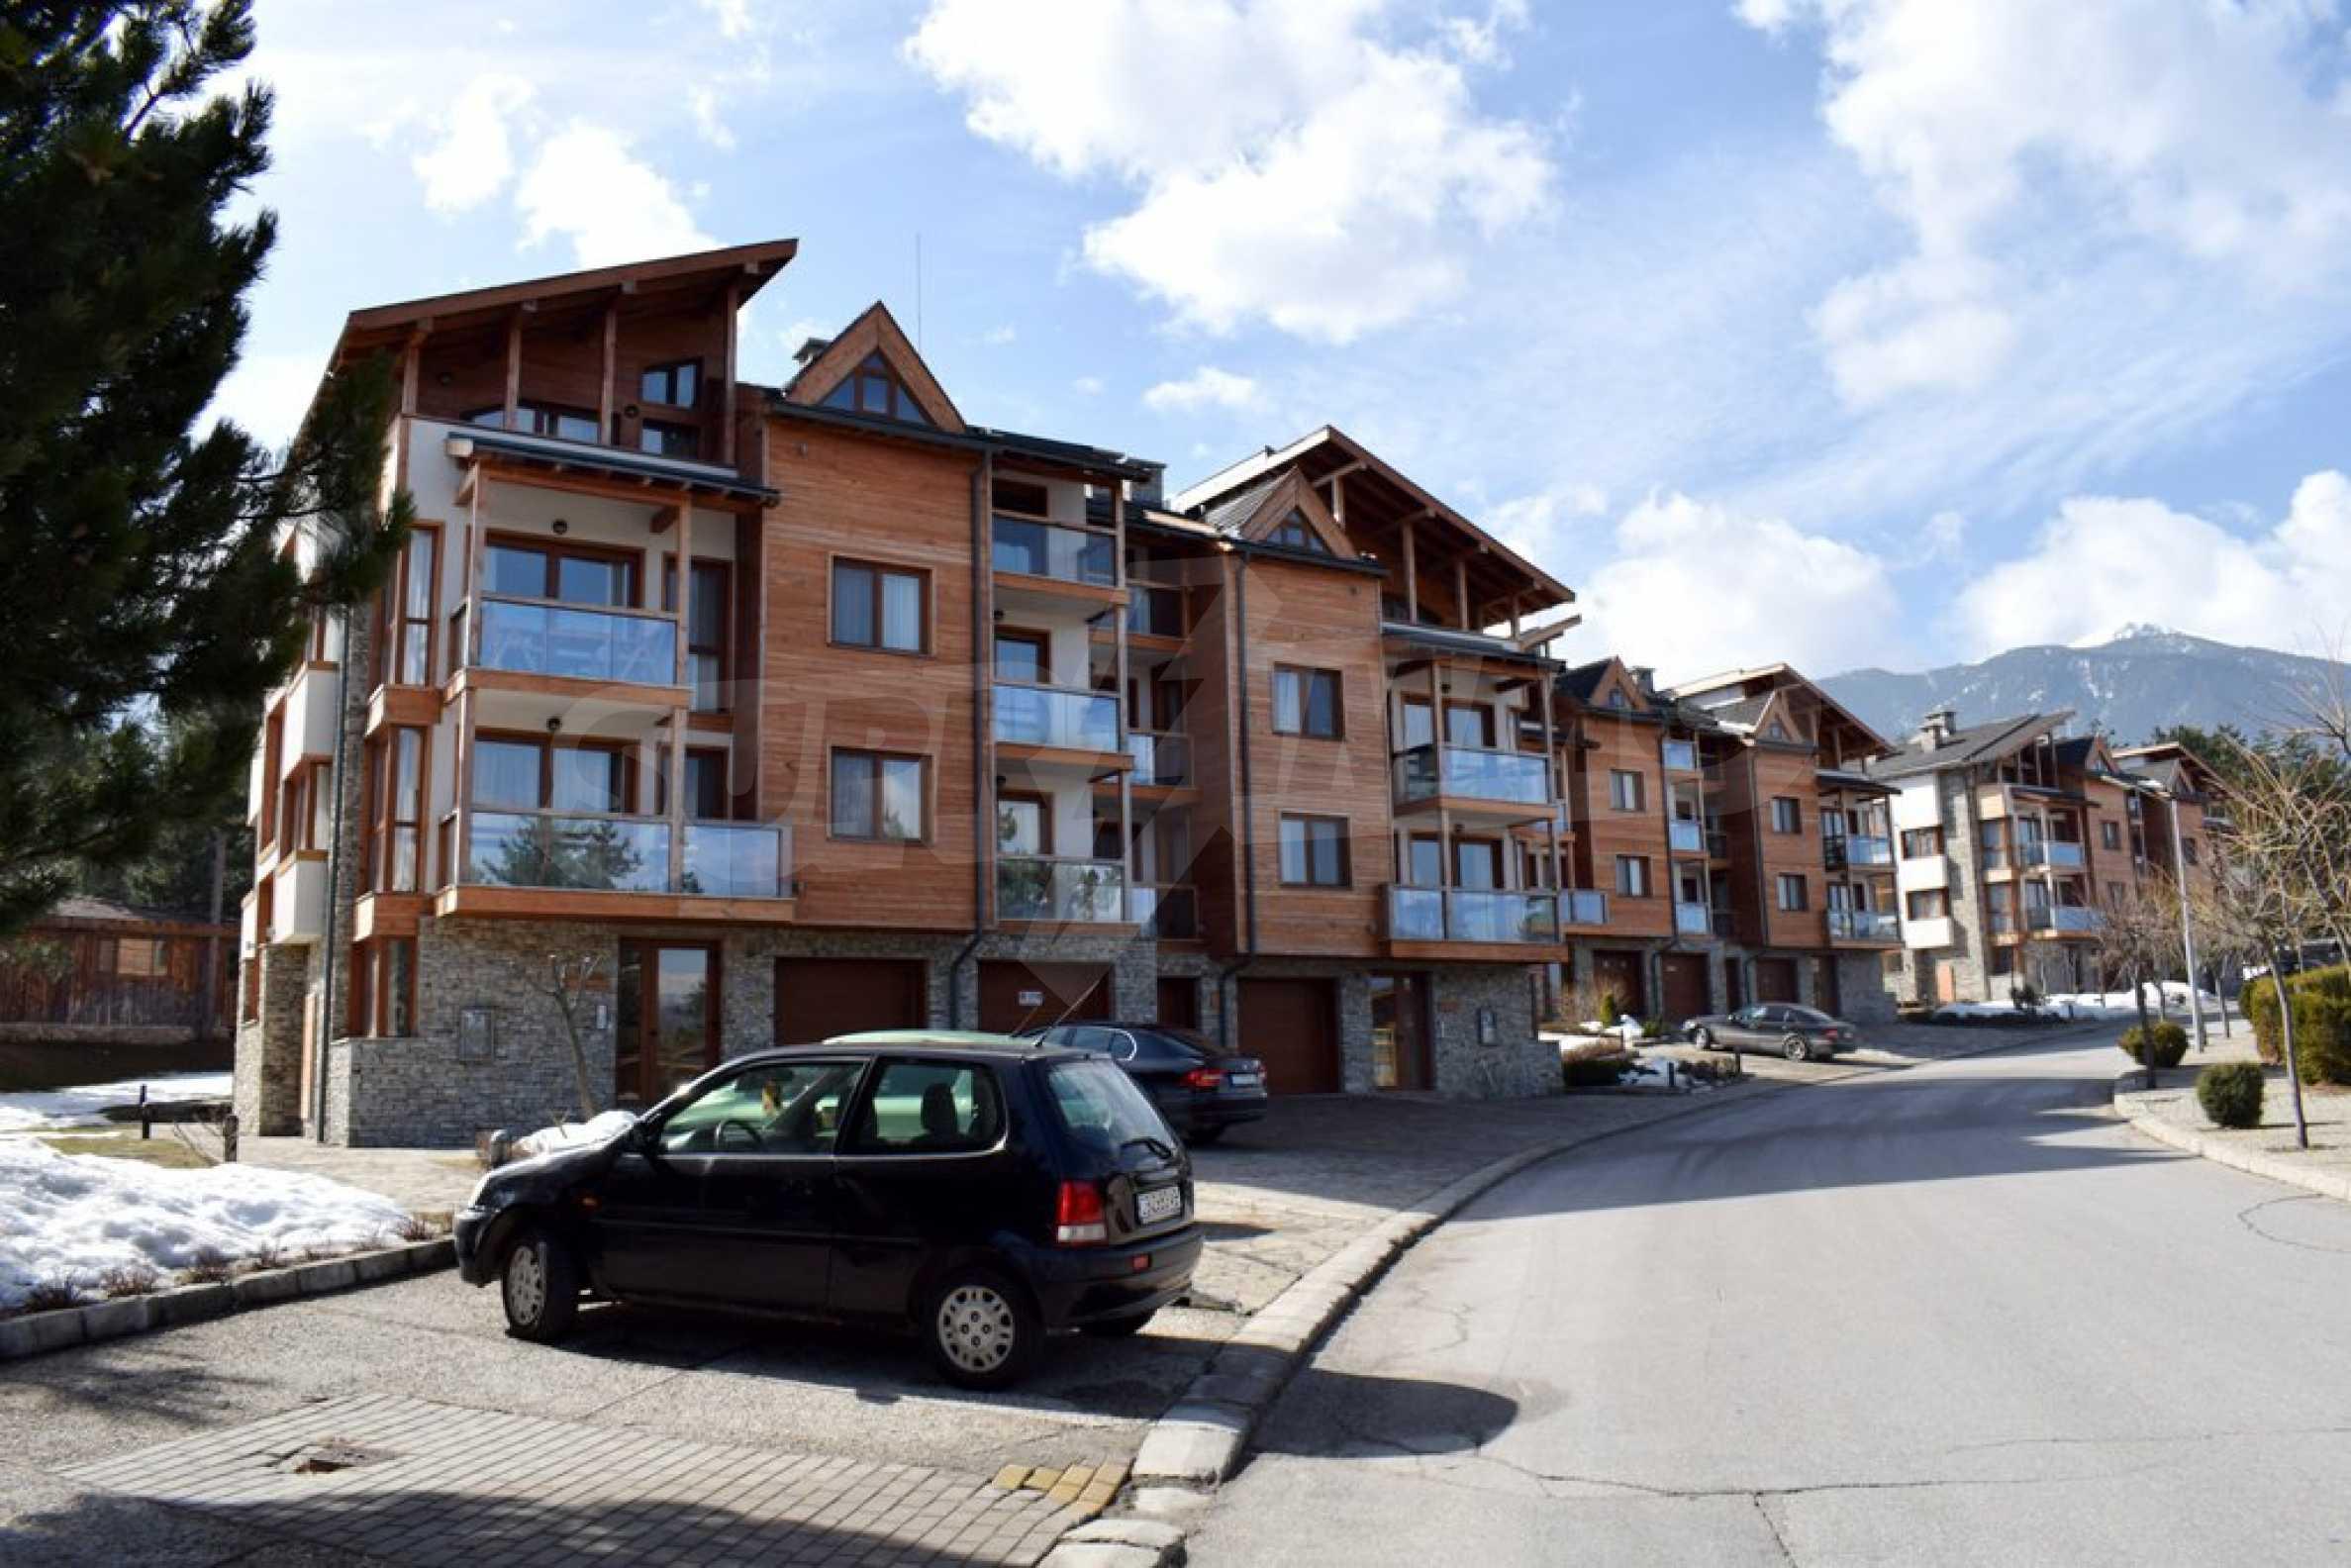 Двустаен апартамент в близост до голф игрище в района на Банско и Разлог